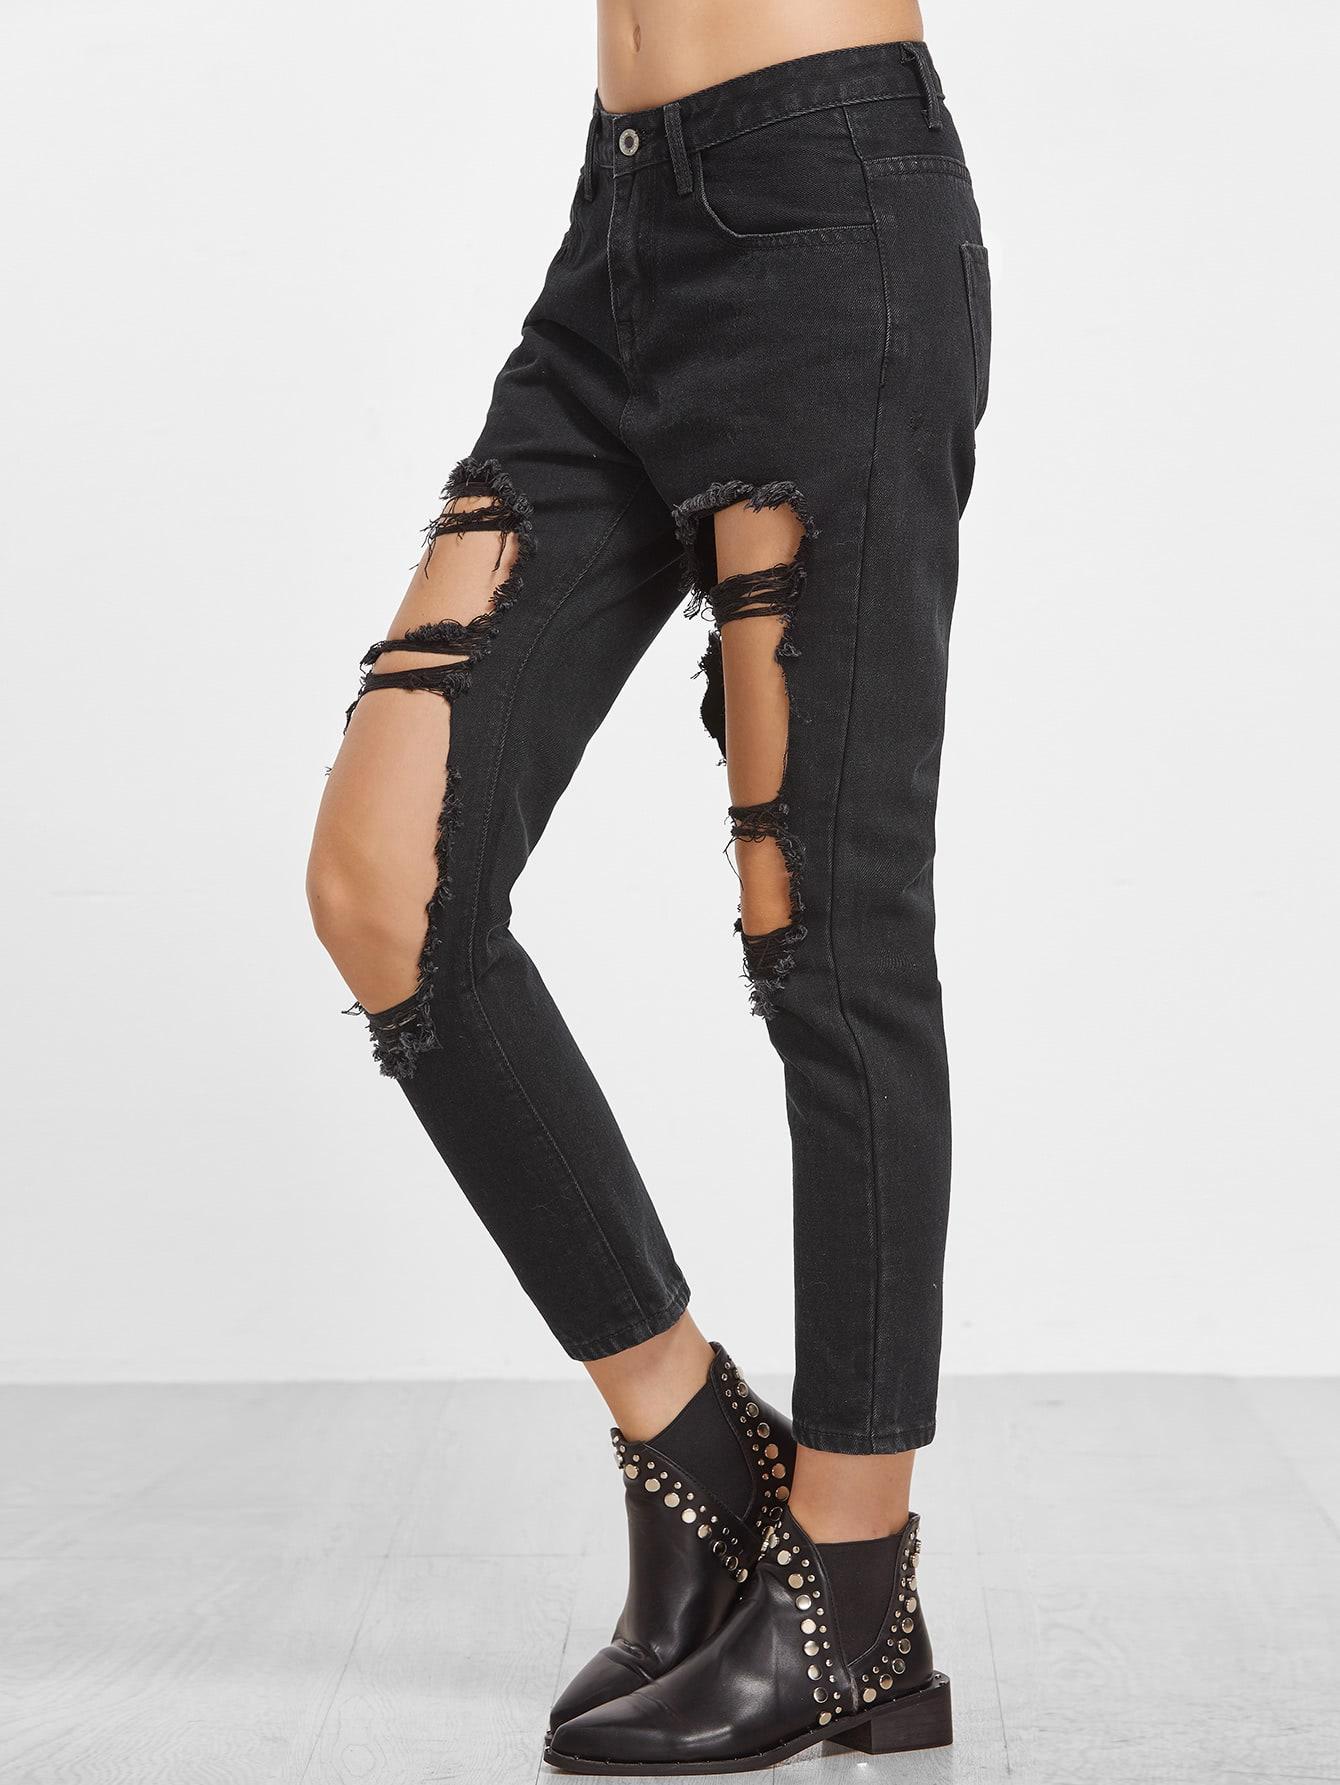 pants161202451_2